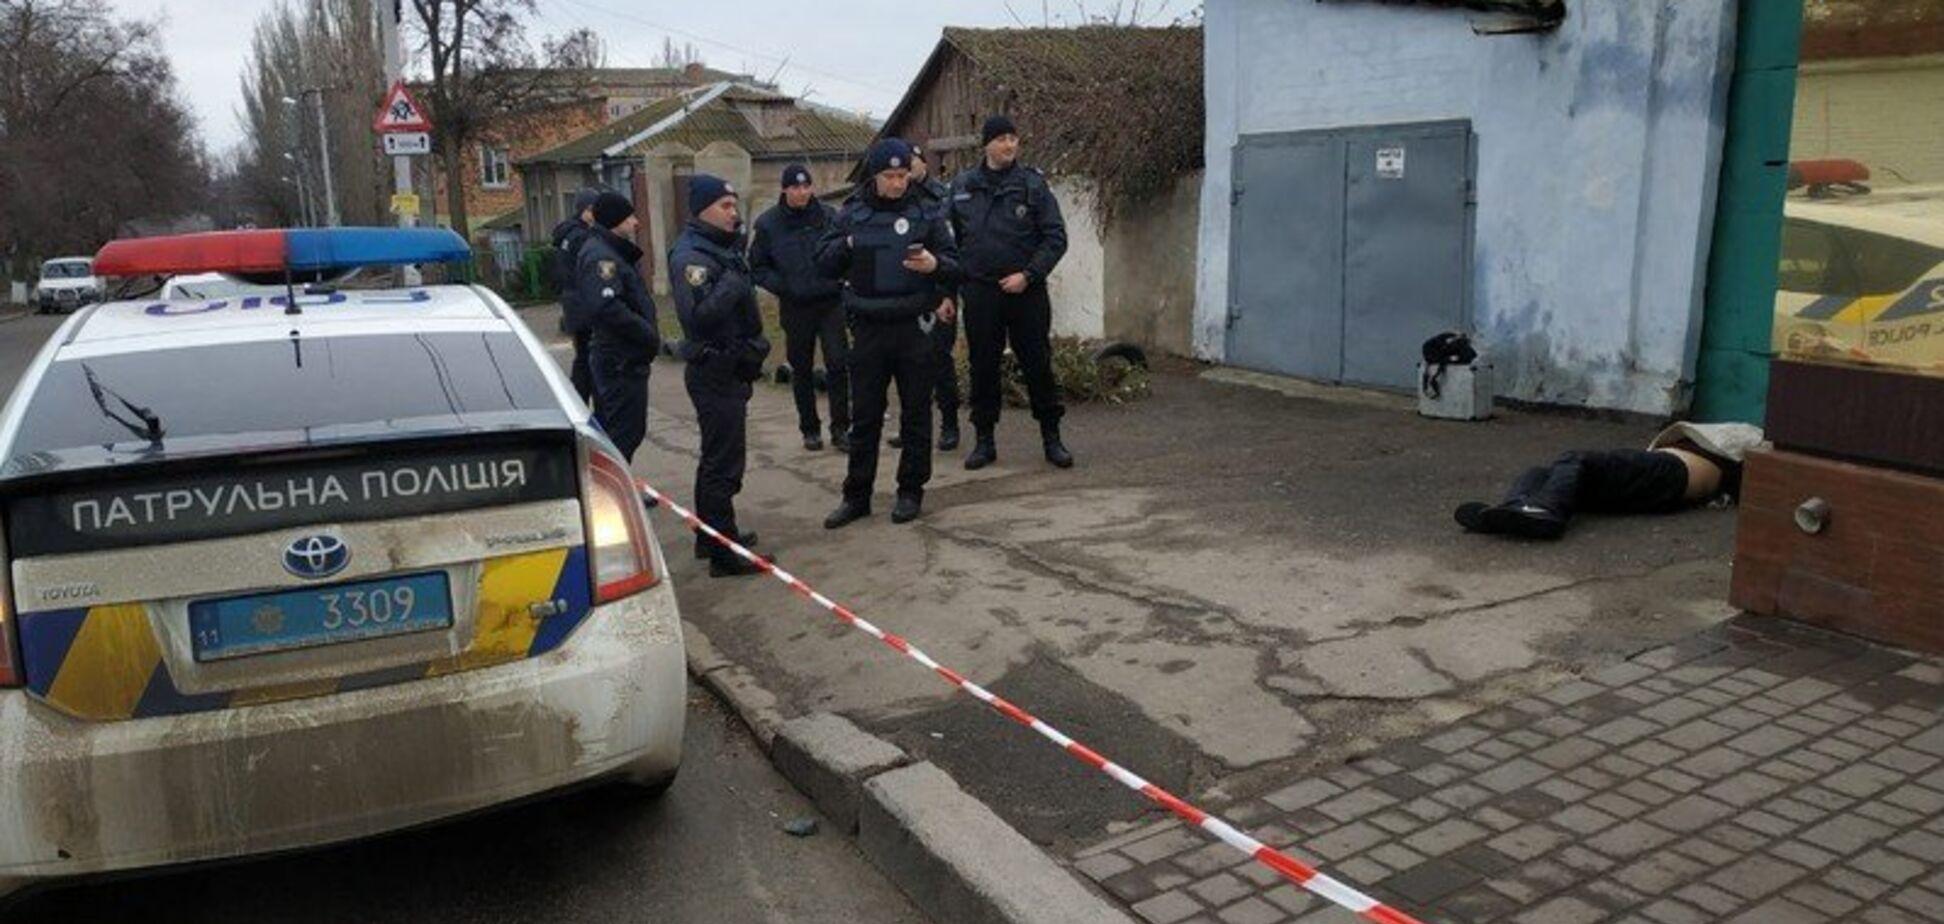 Тіло підкинули: у центрі Миколаєва знайшли труп із понівеченим обличчям. Фото 18+